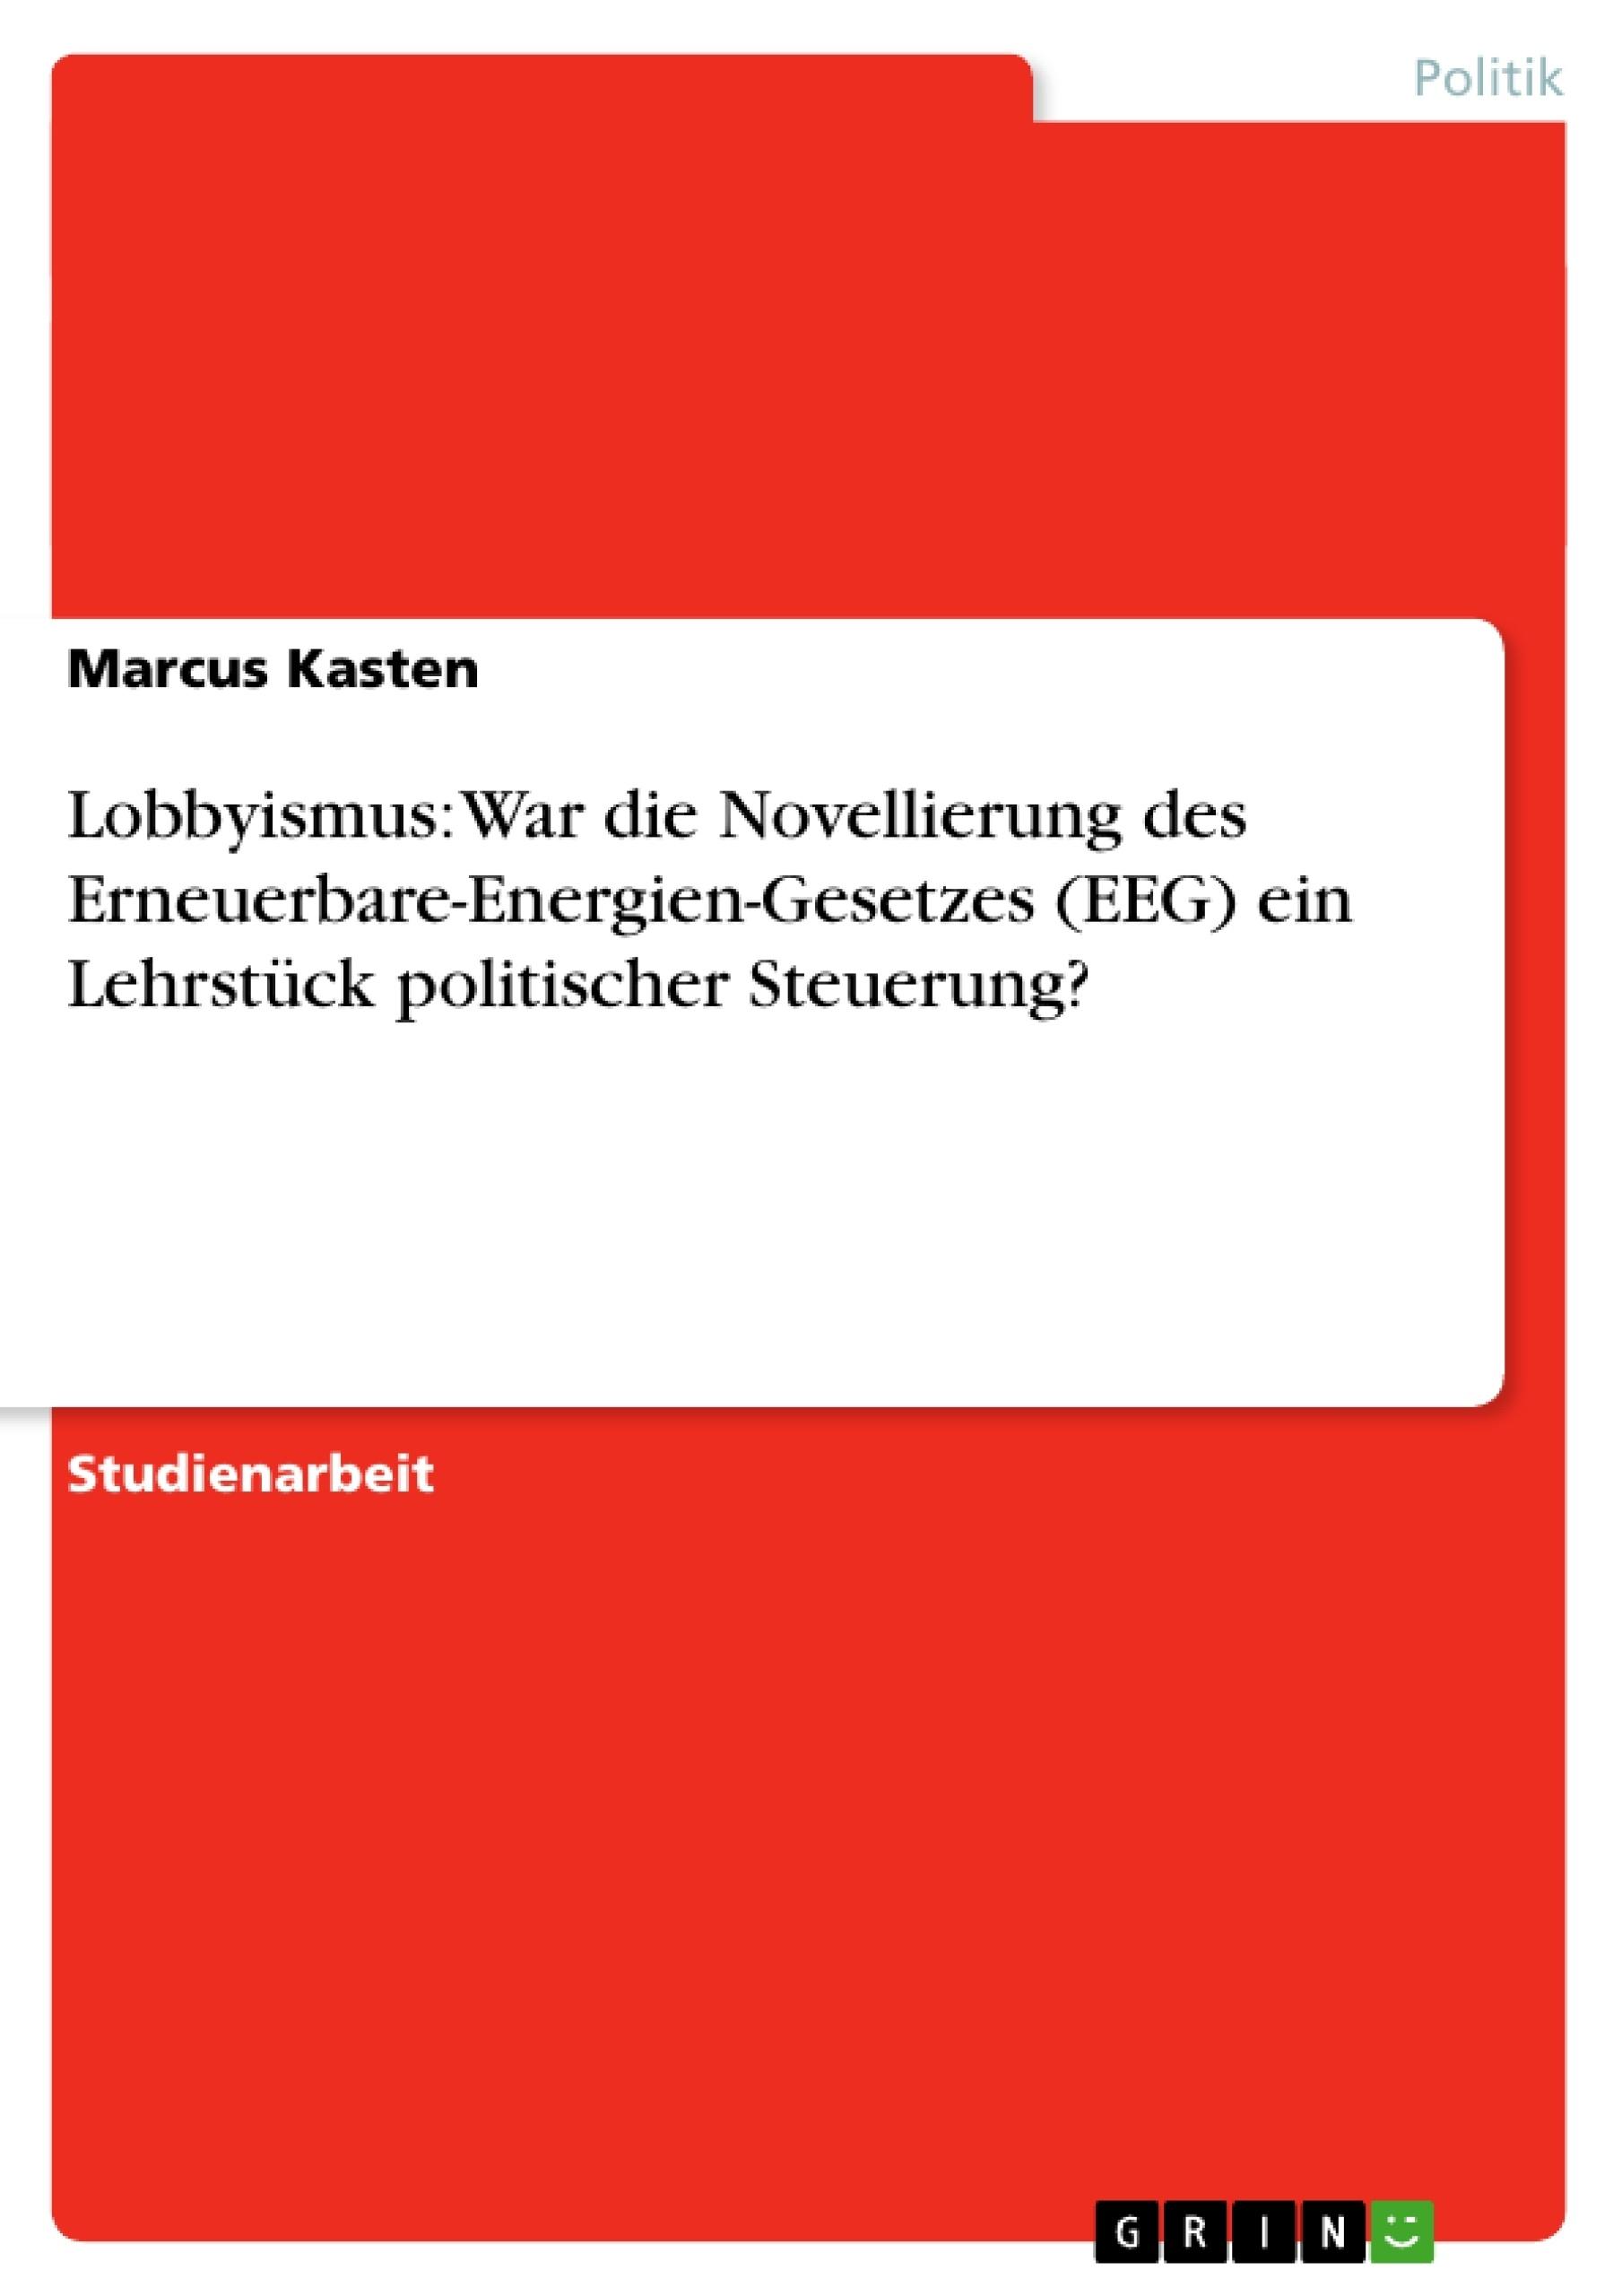 Titel: Lobbyismus: War die Novellierung des Erneuerbare-Energien-Gesetzes (EEG) ein Lehrstück politischer Steuerung?